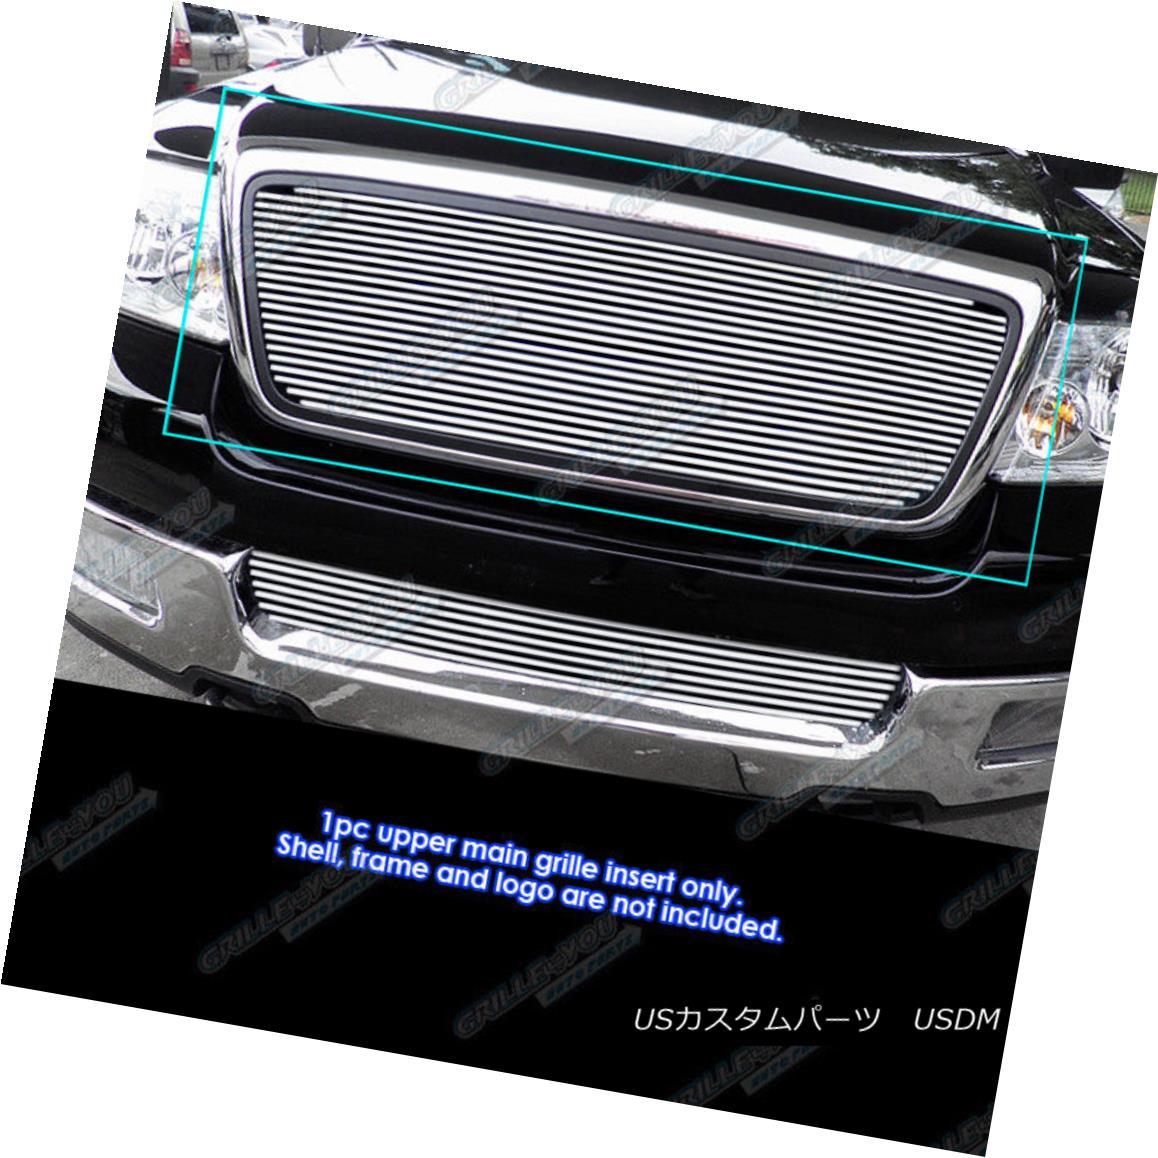 グリル Fits 2004-2008 Ford F-150 Reg Model Phat Billet Grille Grill Insert 2004-2008 Ford F-150 RegモデルPhat Billetグリルグリルインサート